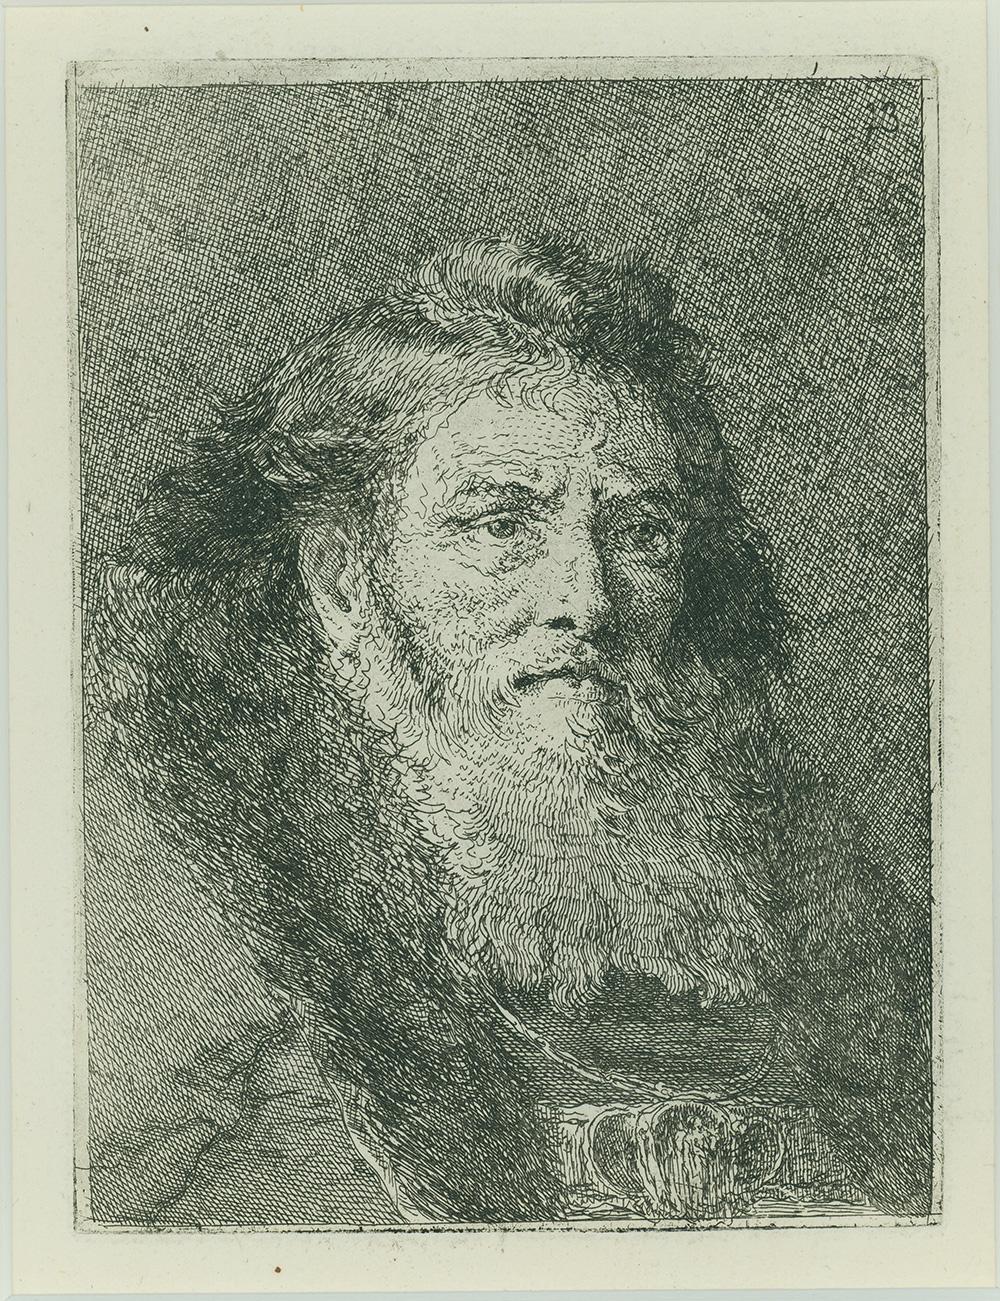 Untitled Portrait by Giovanni Domenico